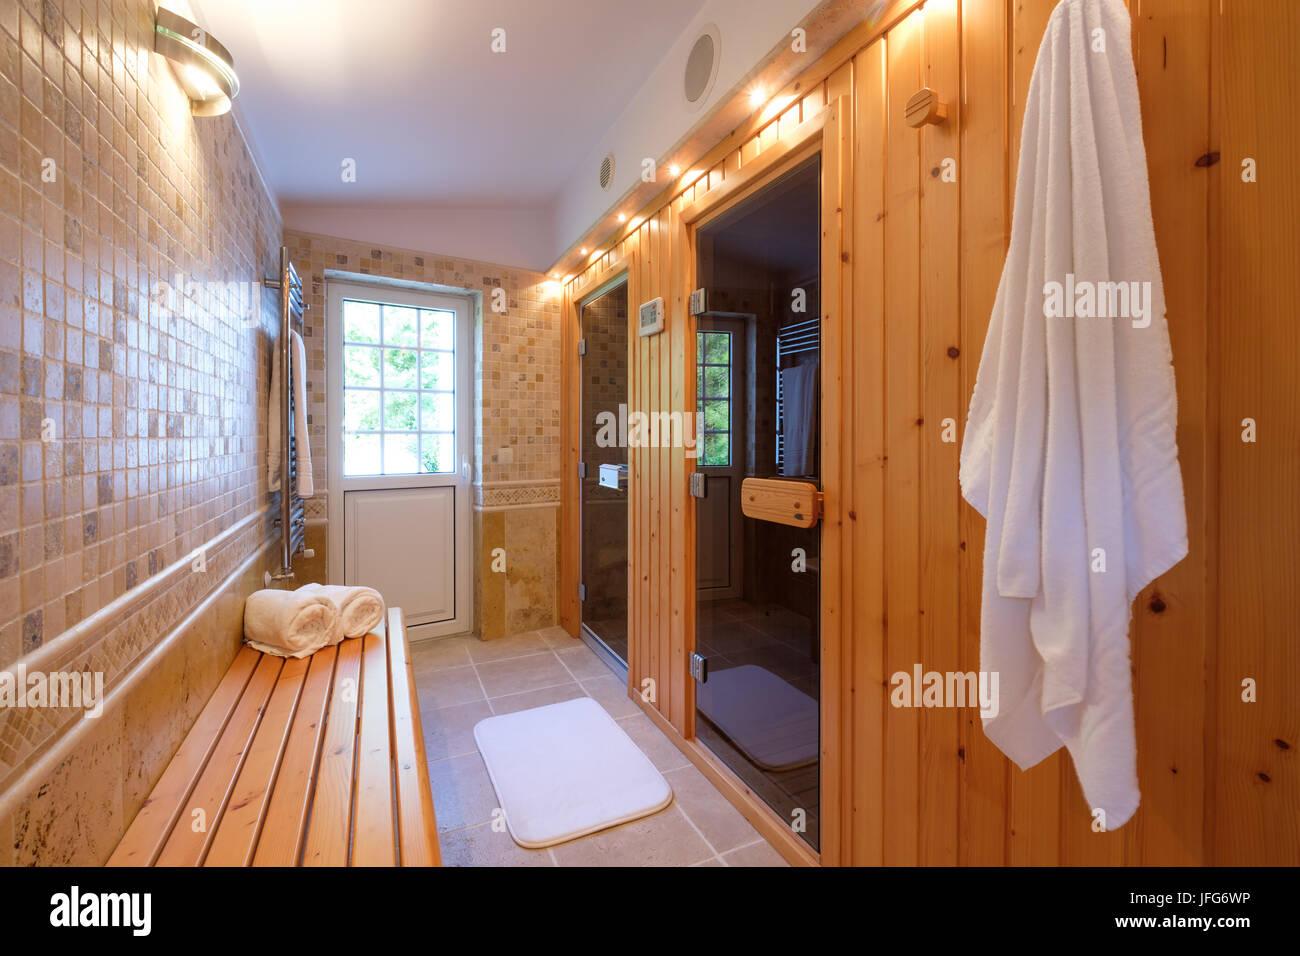 Home sauna and turkish bath - Stock Image